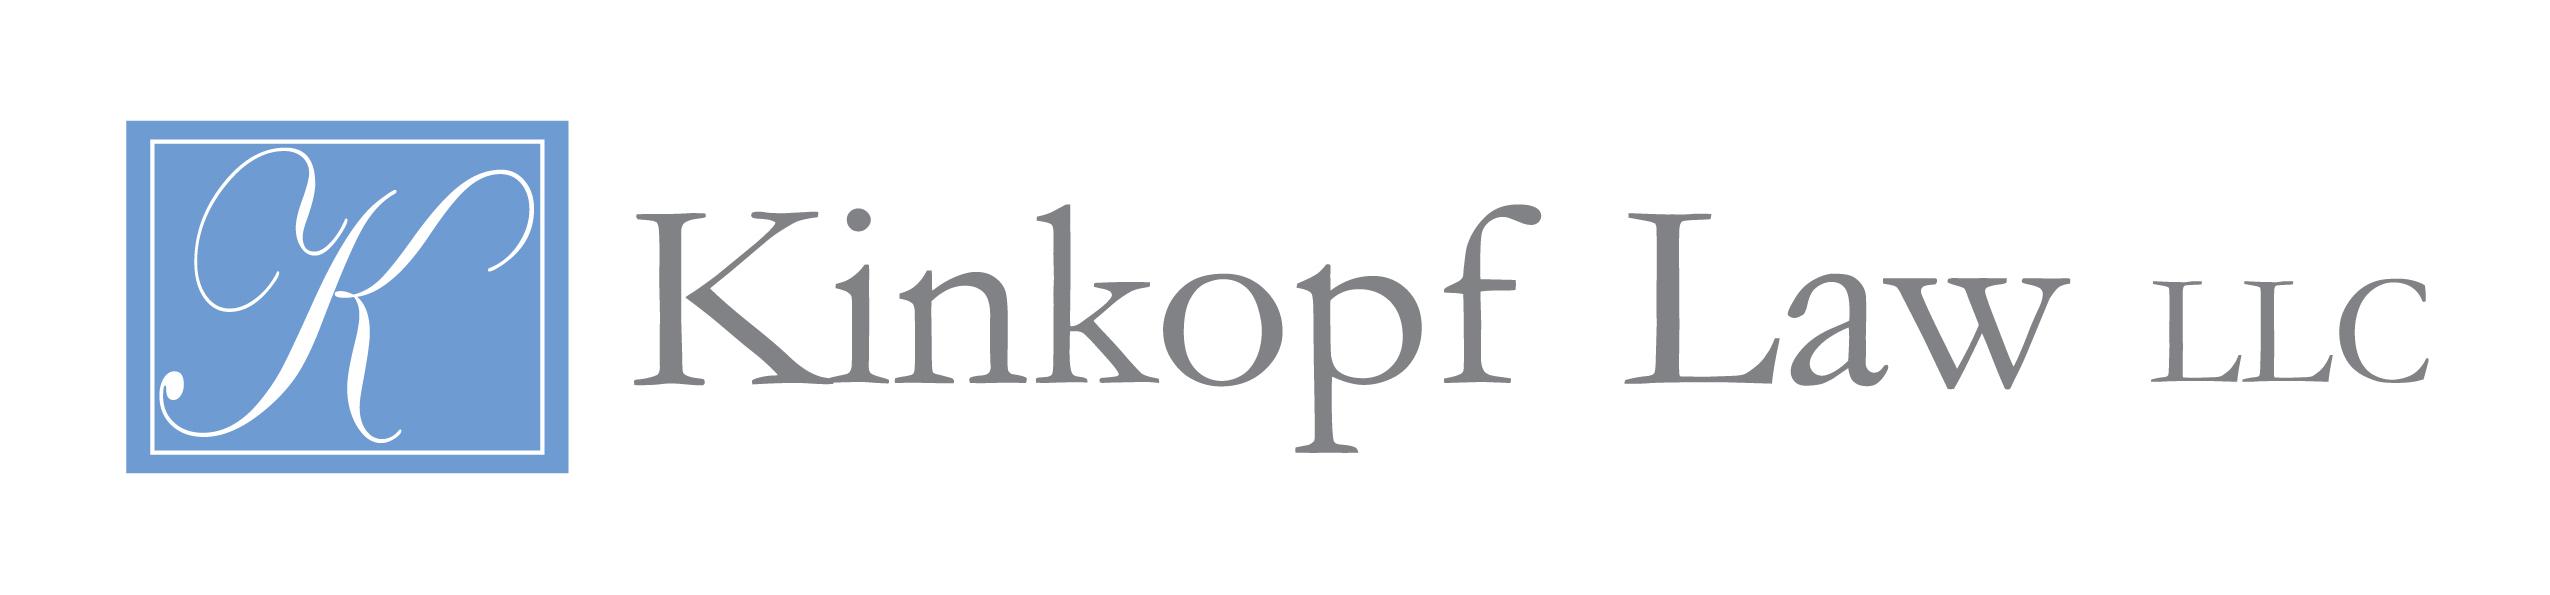 Kinkopf Law Firm, LLC